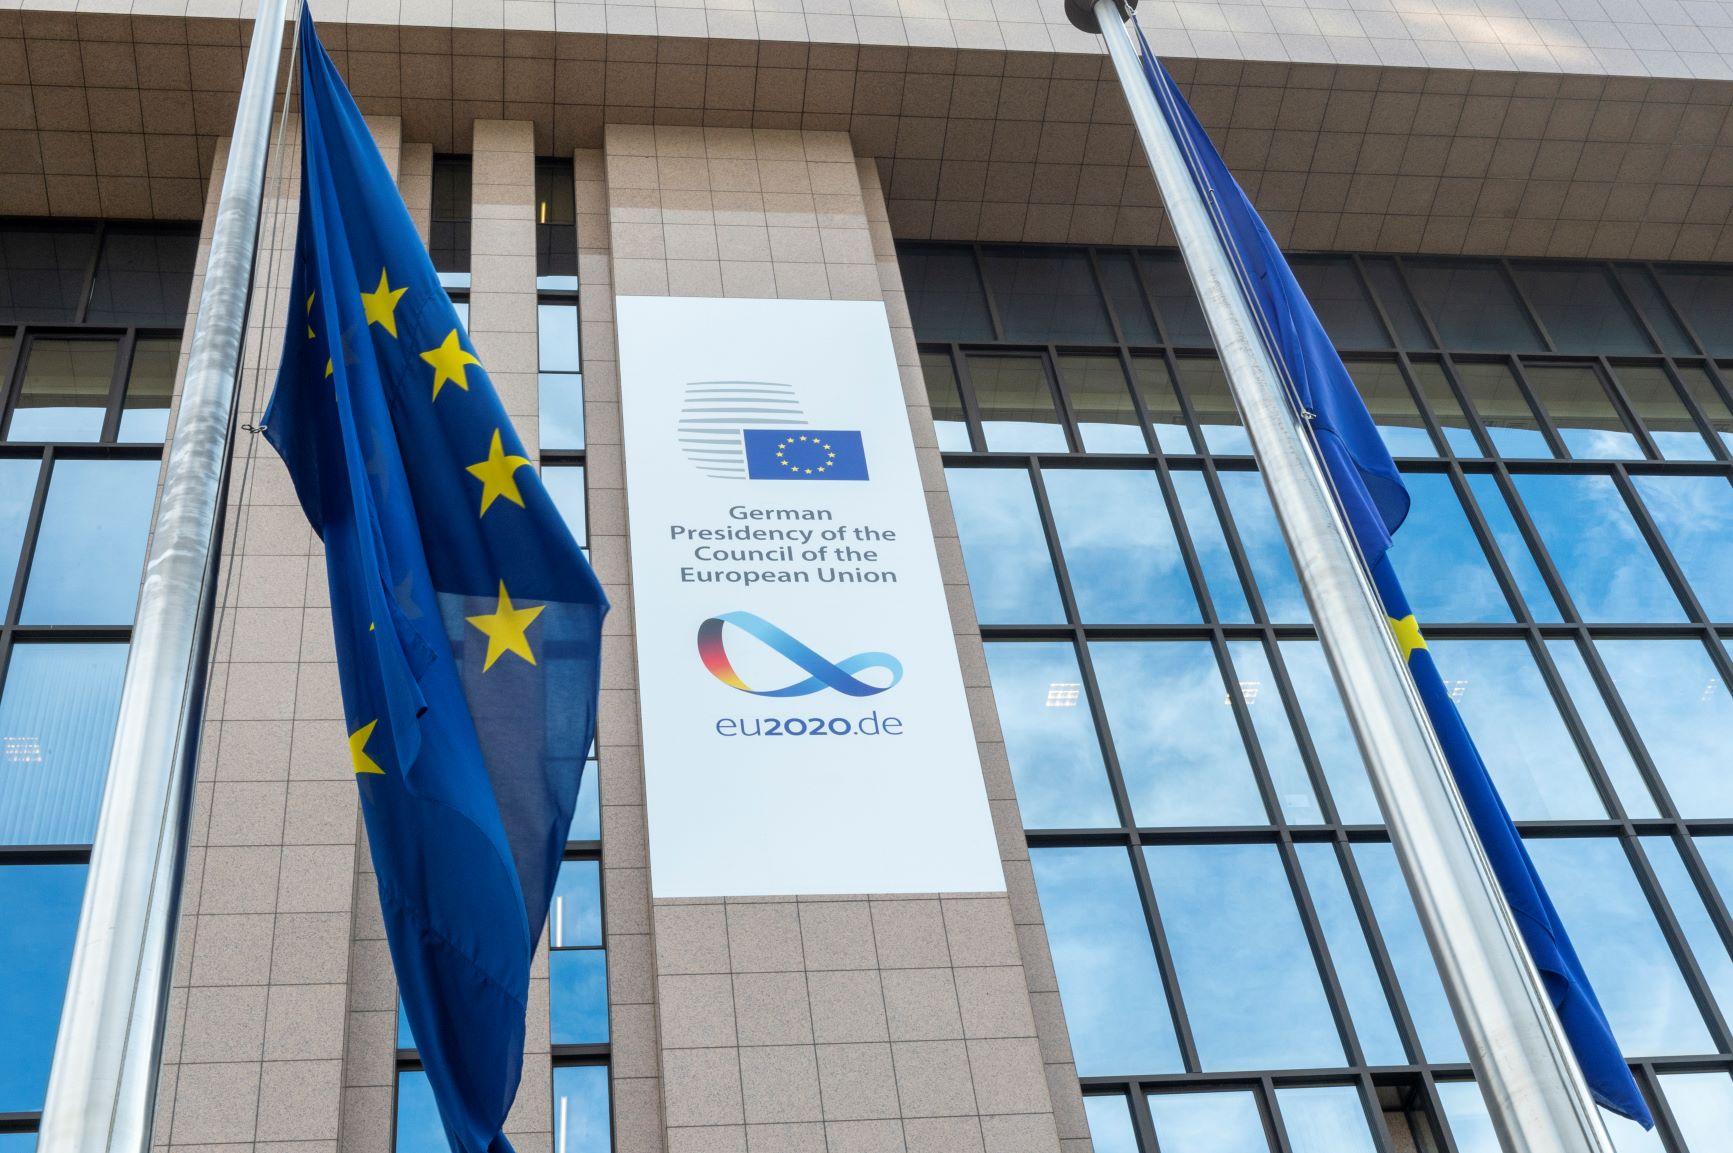 Decorations of the German EU Council Presidencyder deutschen EU Ratspräsidentschaft © European Union